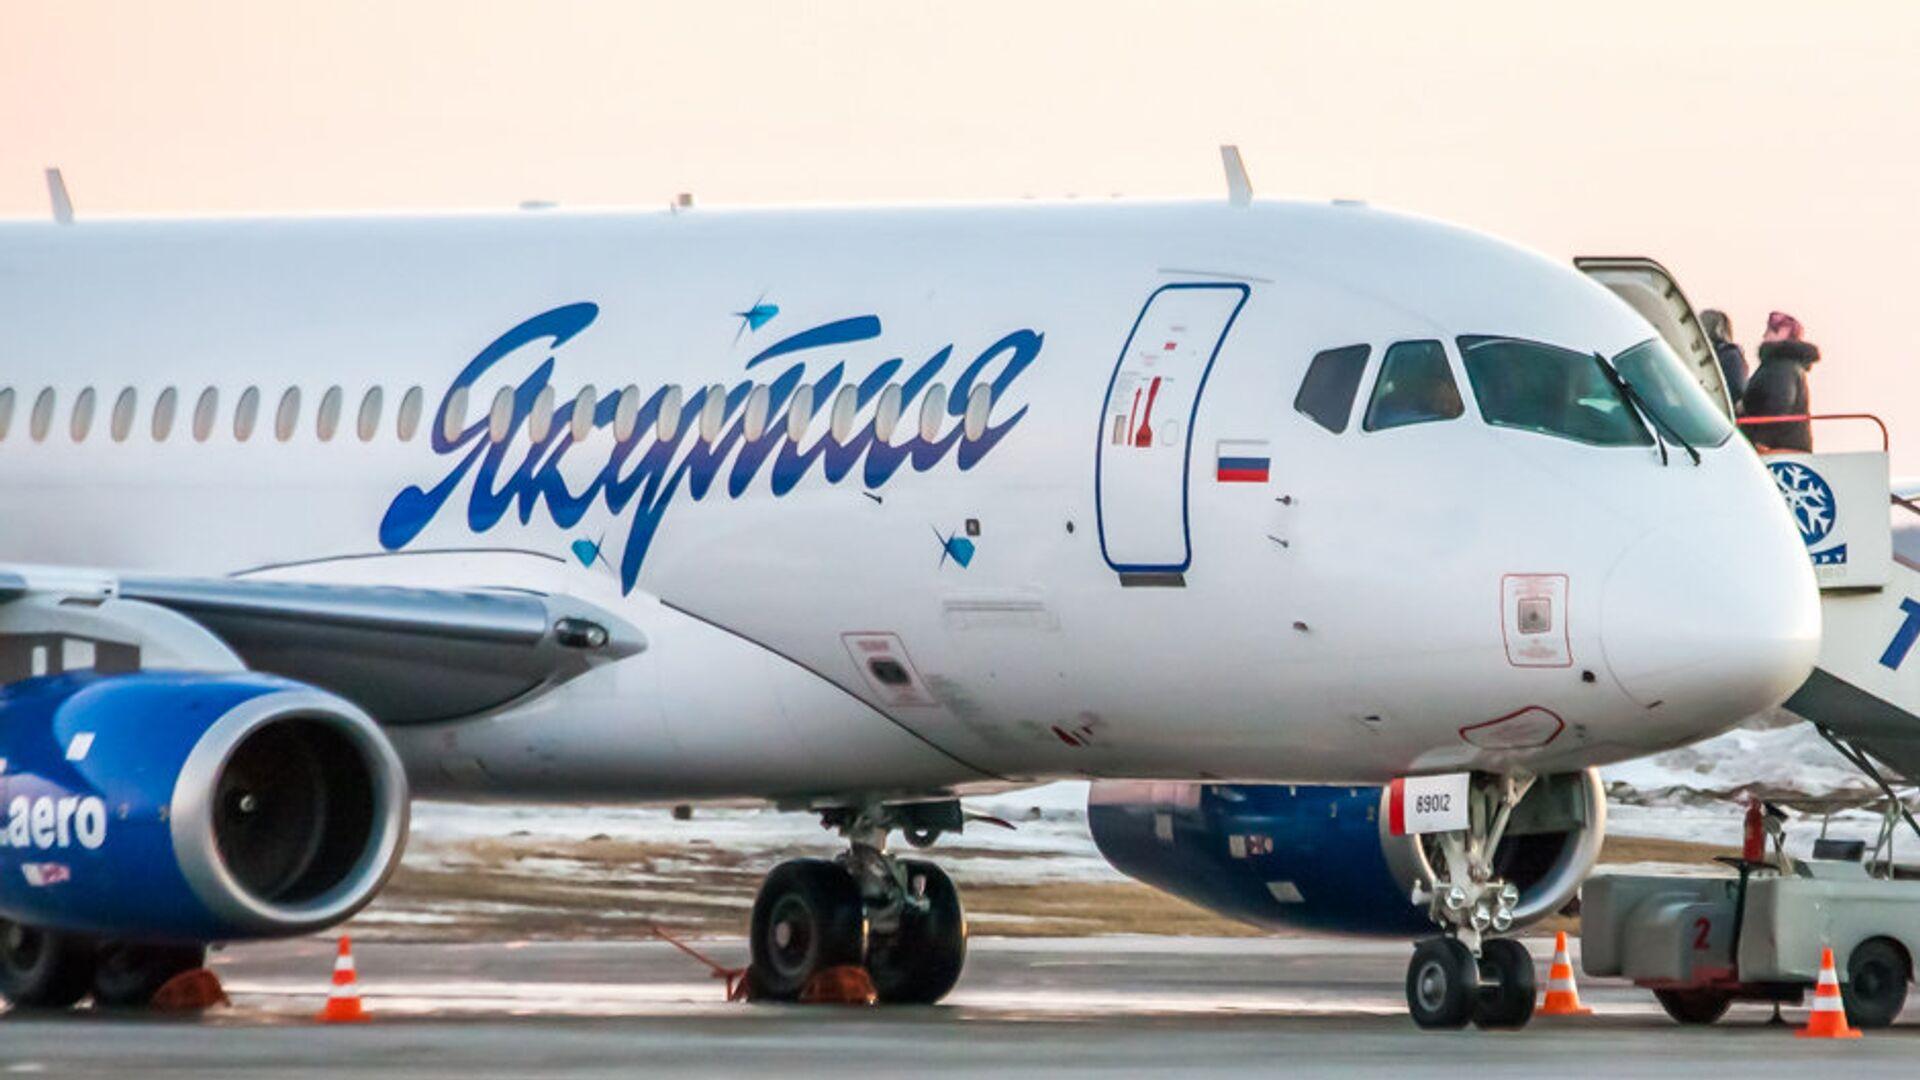 Самолет Sukhoi Superjet 100 авиакомпании Якутия  - РИА Новости, 1920, 15.09.2021